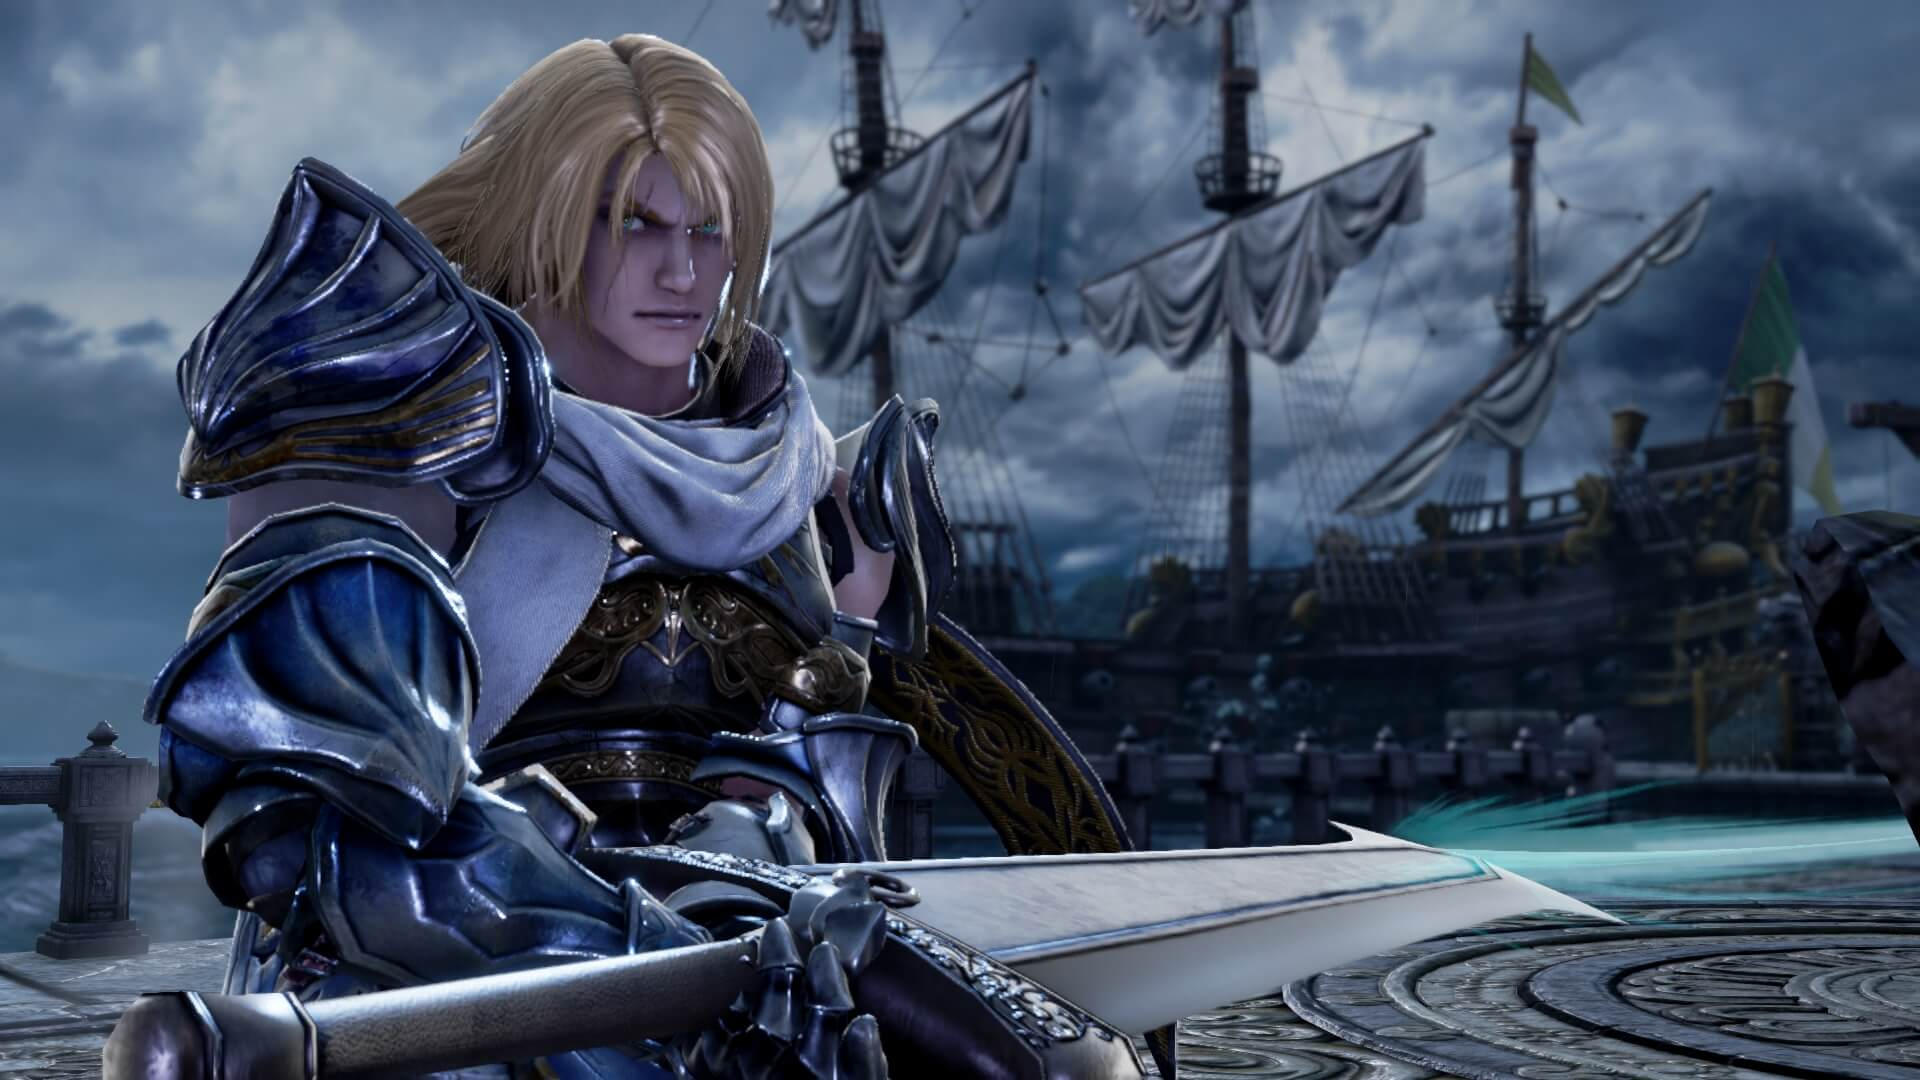 Soulcalibur VI Siegfred Screen 18